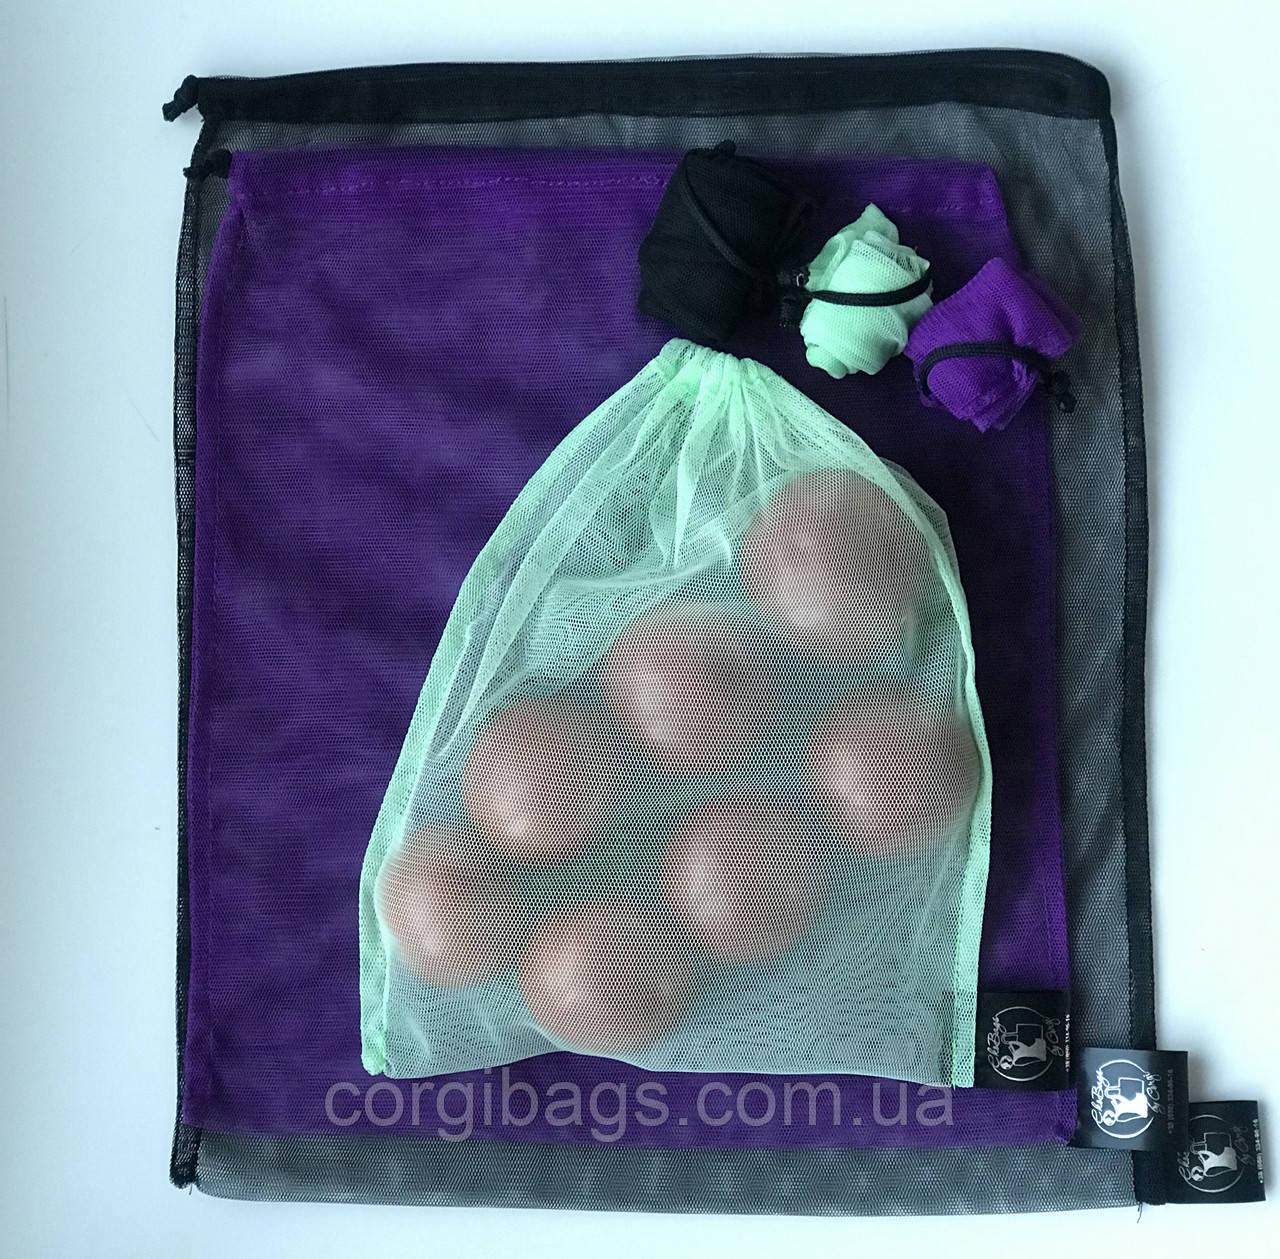 Многоразовые мешочки для продуктов, экомешочки,  сетчатые сумки для овощей и фруктов,  набор 6 штук